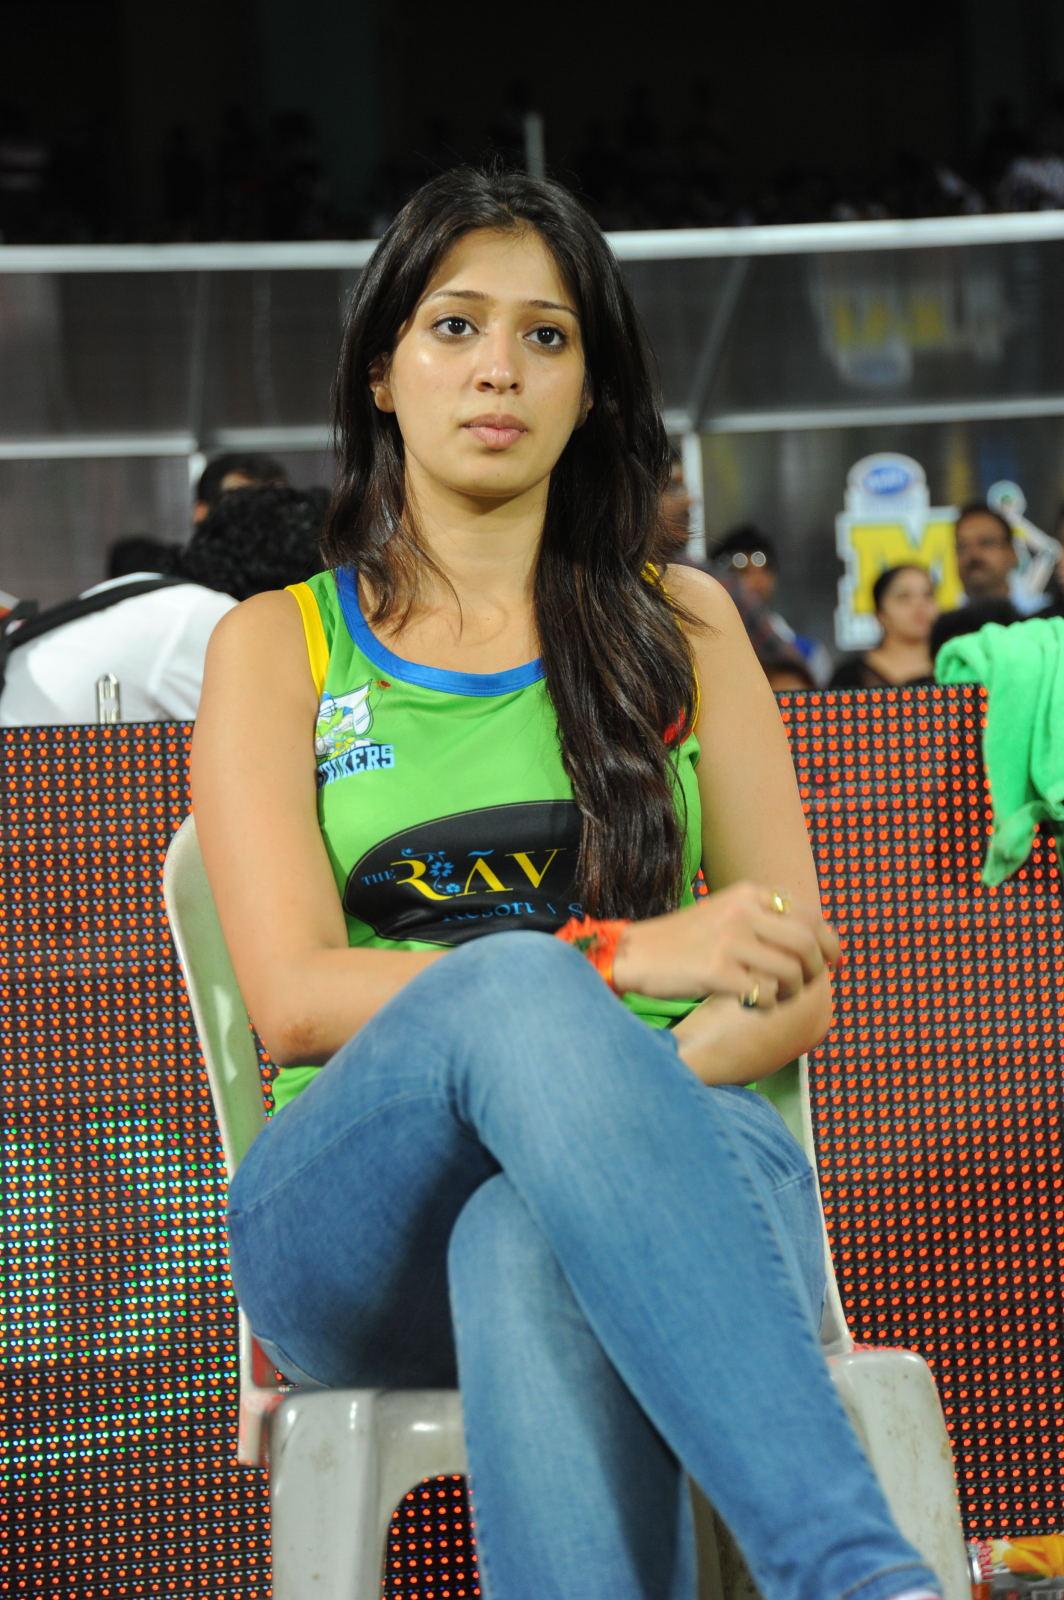 Actress Lakshmi Rai New Hot Photos At CCL 2 Matches | Hot Gallery